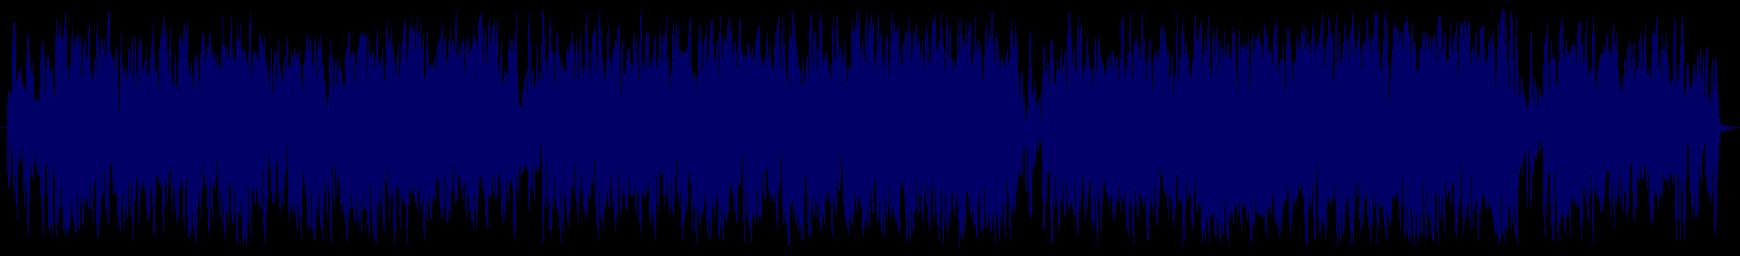 waveform of track #101610